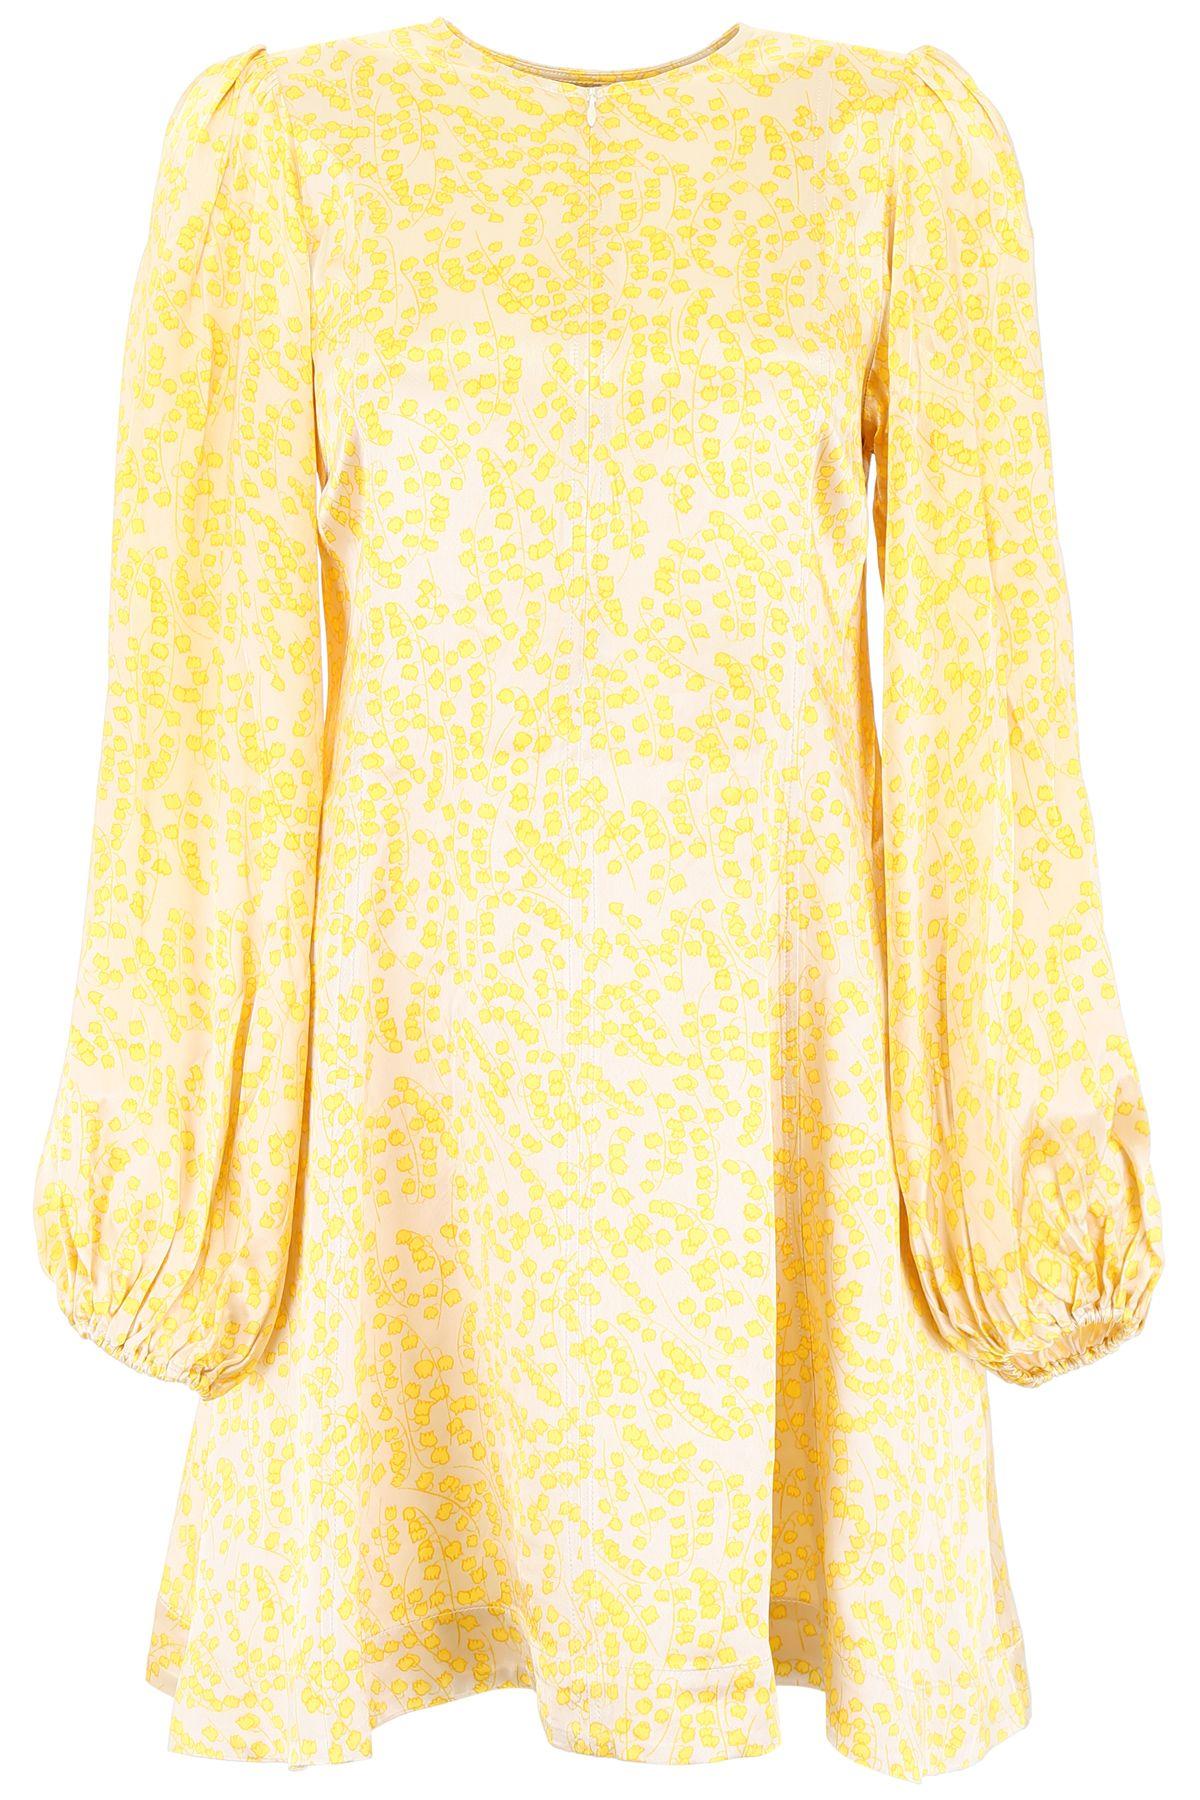 Ganni Mini dresses PRINTED MINI DRESS